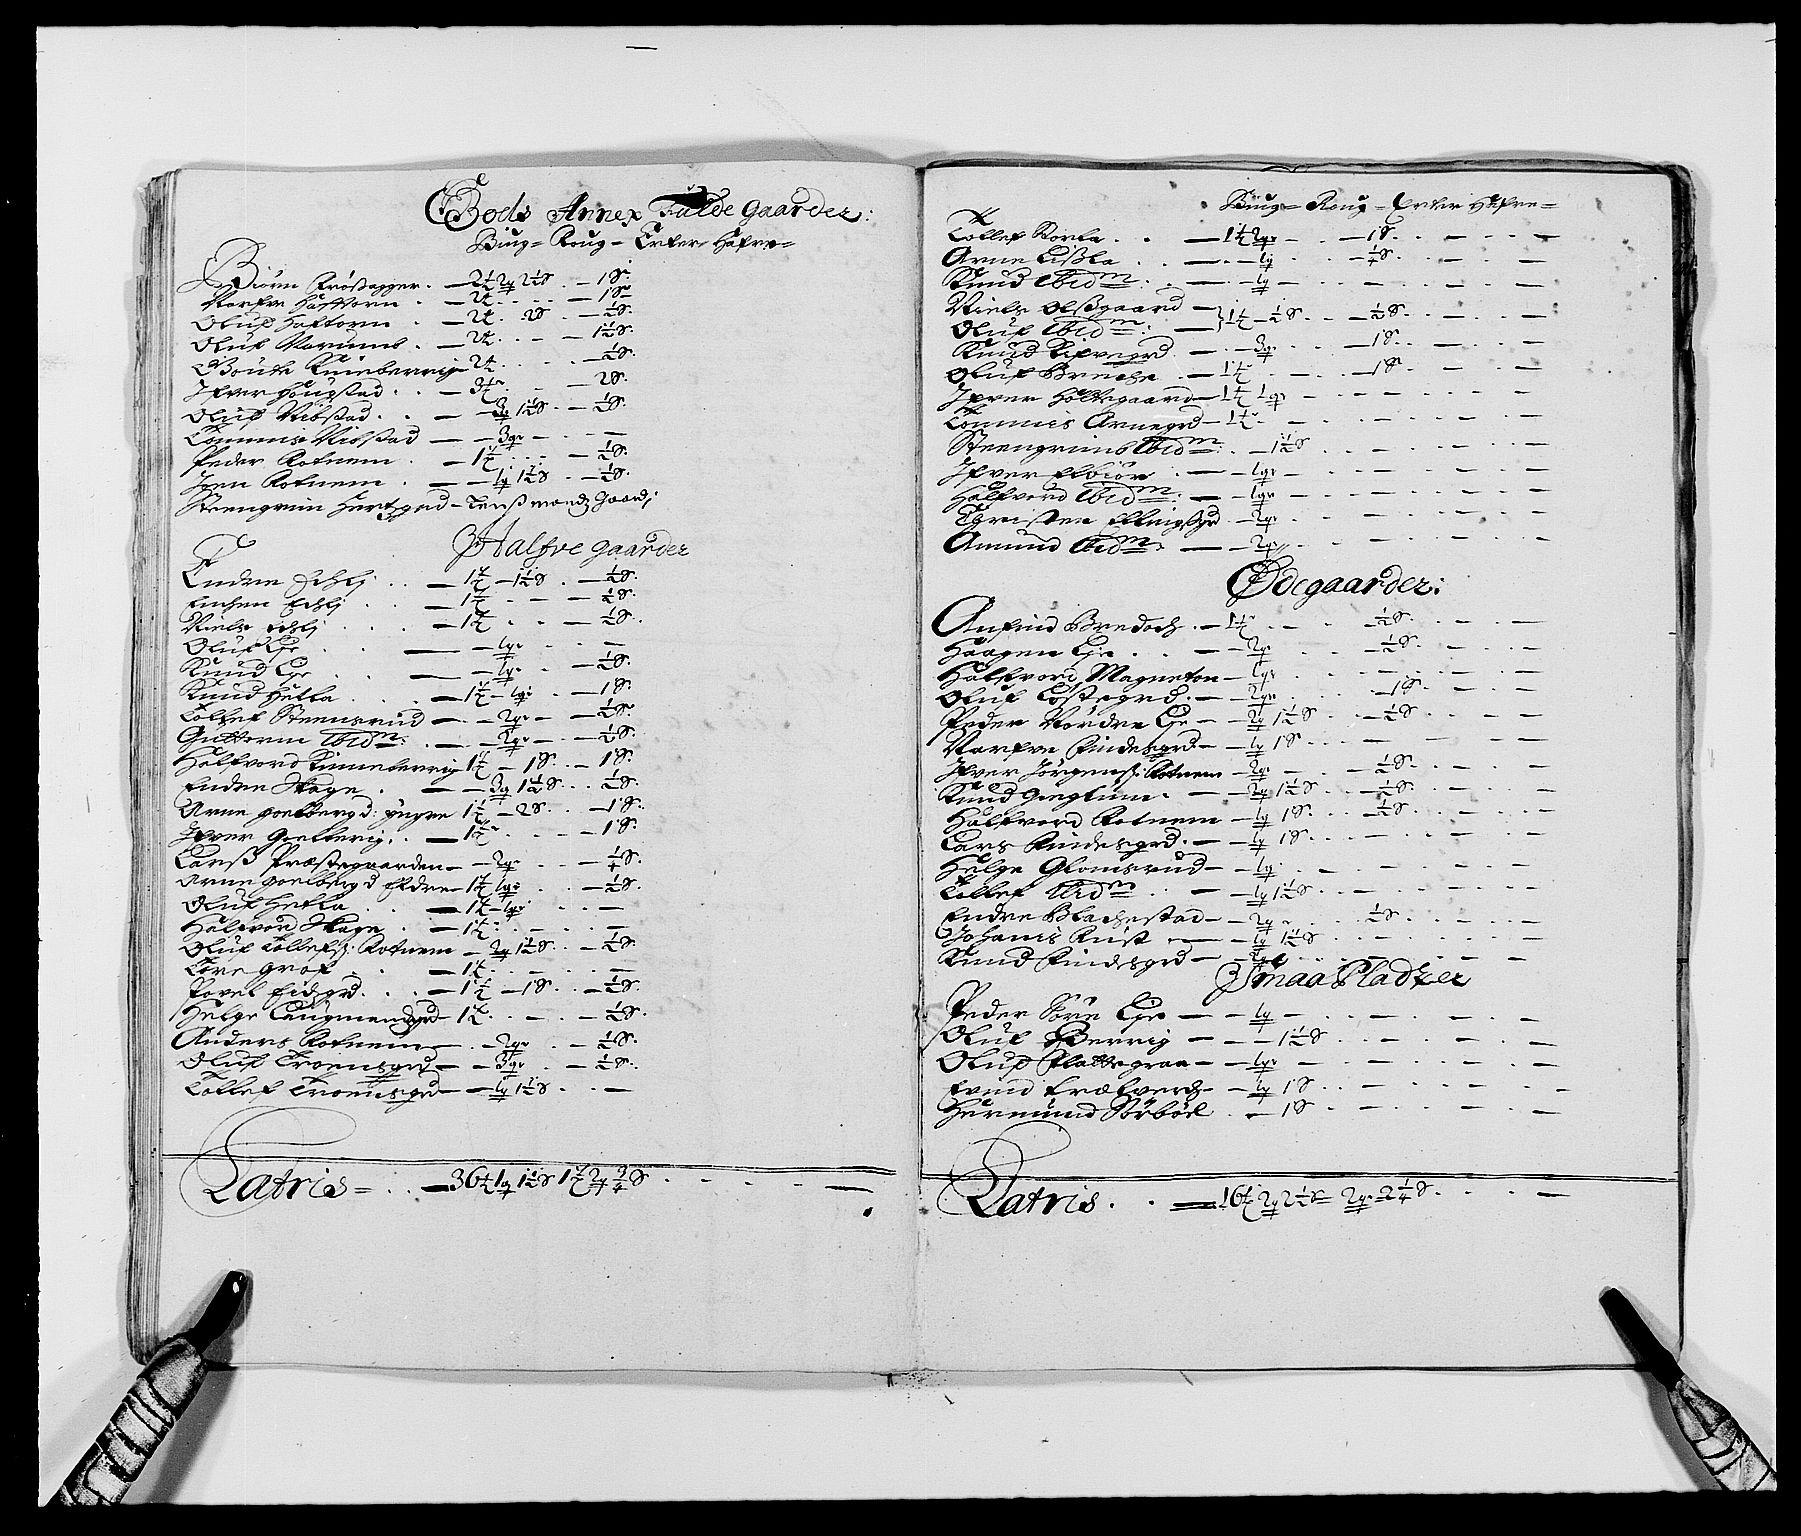 RA, Rentekammeret inntil 1814, Reviderte regnskaper, Fogderegnskap, R21/L1447: Fogderegnskap Ringerike og Hallingdal, 1687-1689, s. 230